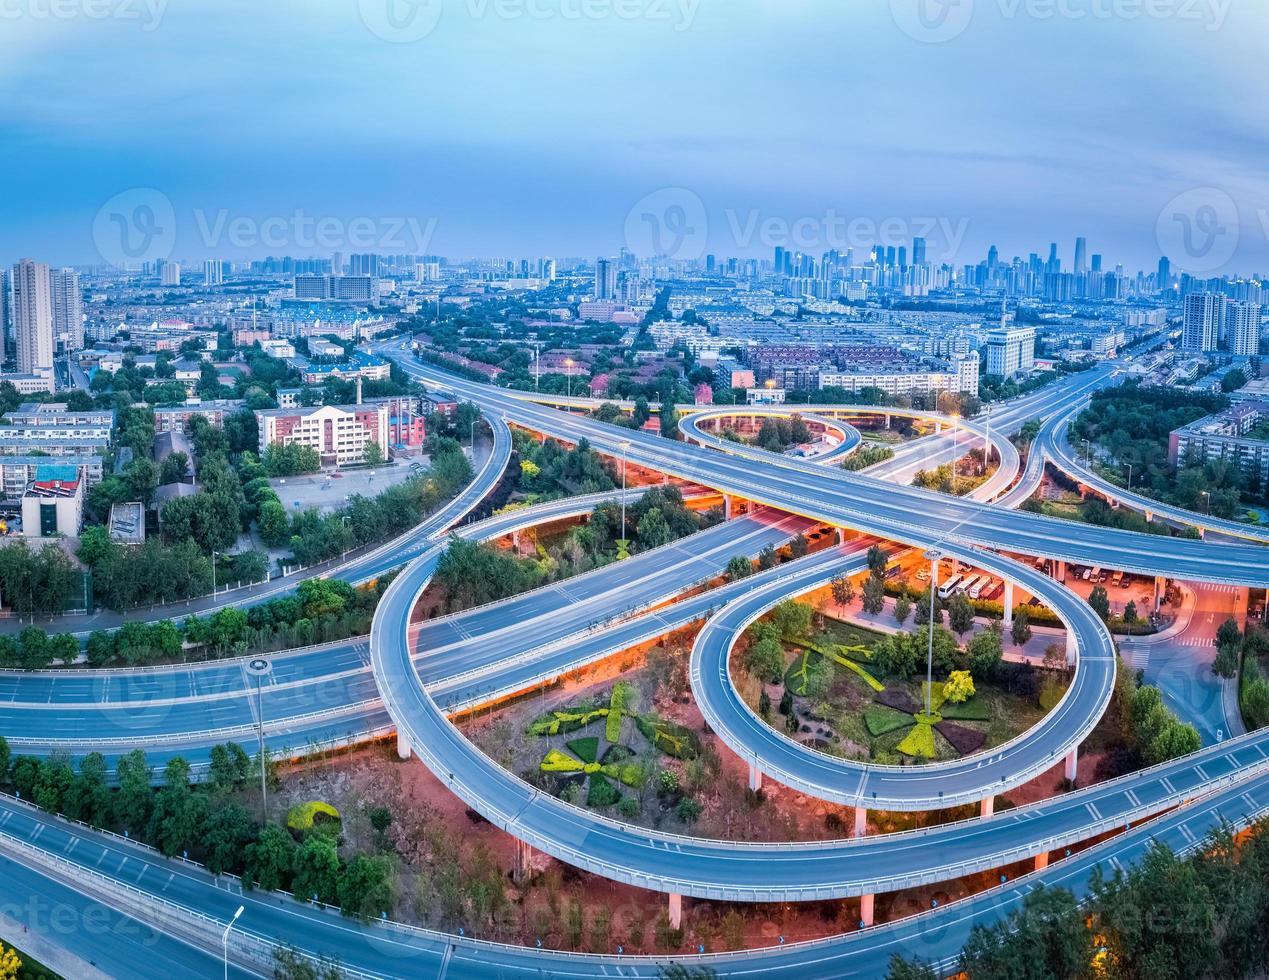 Vista aérea del intercambio de la ciudad en Tianjin foto